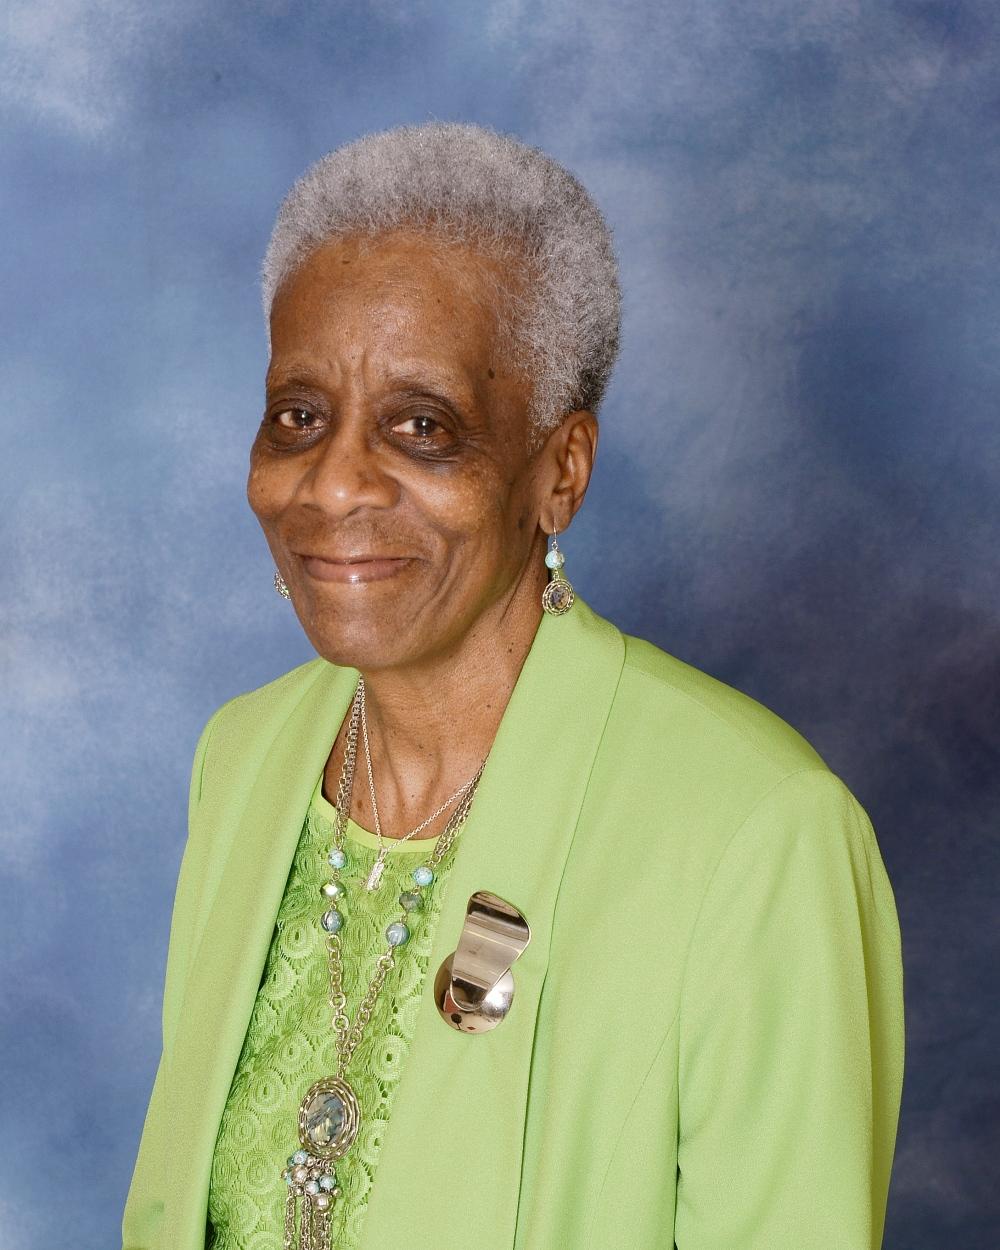 Mary Roach - Secretary 937-222-0867, Ext. 100Email: rcmckyms@gmail.com